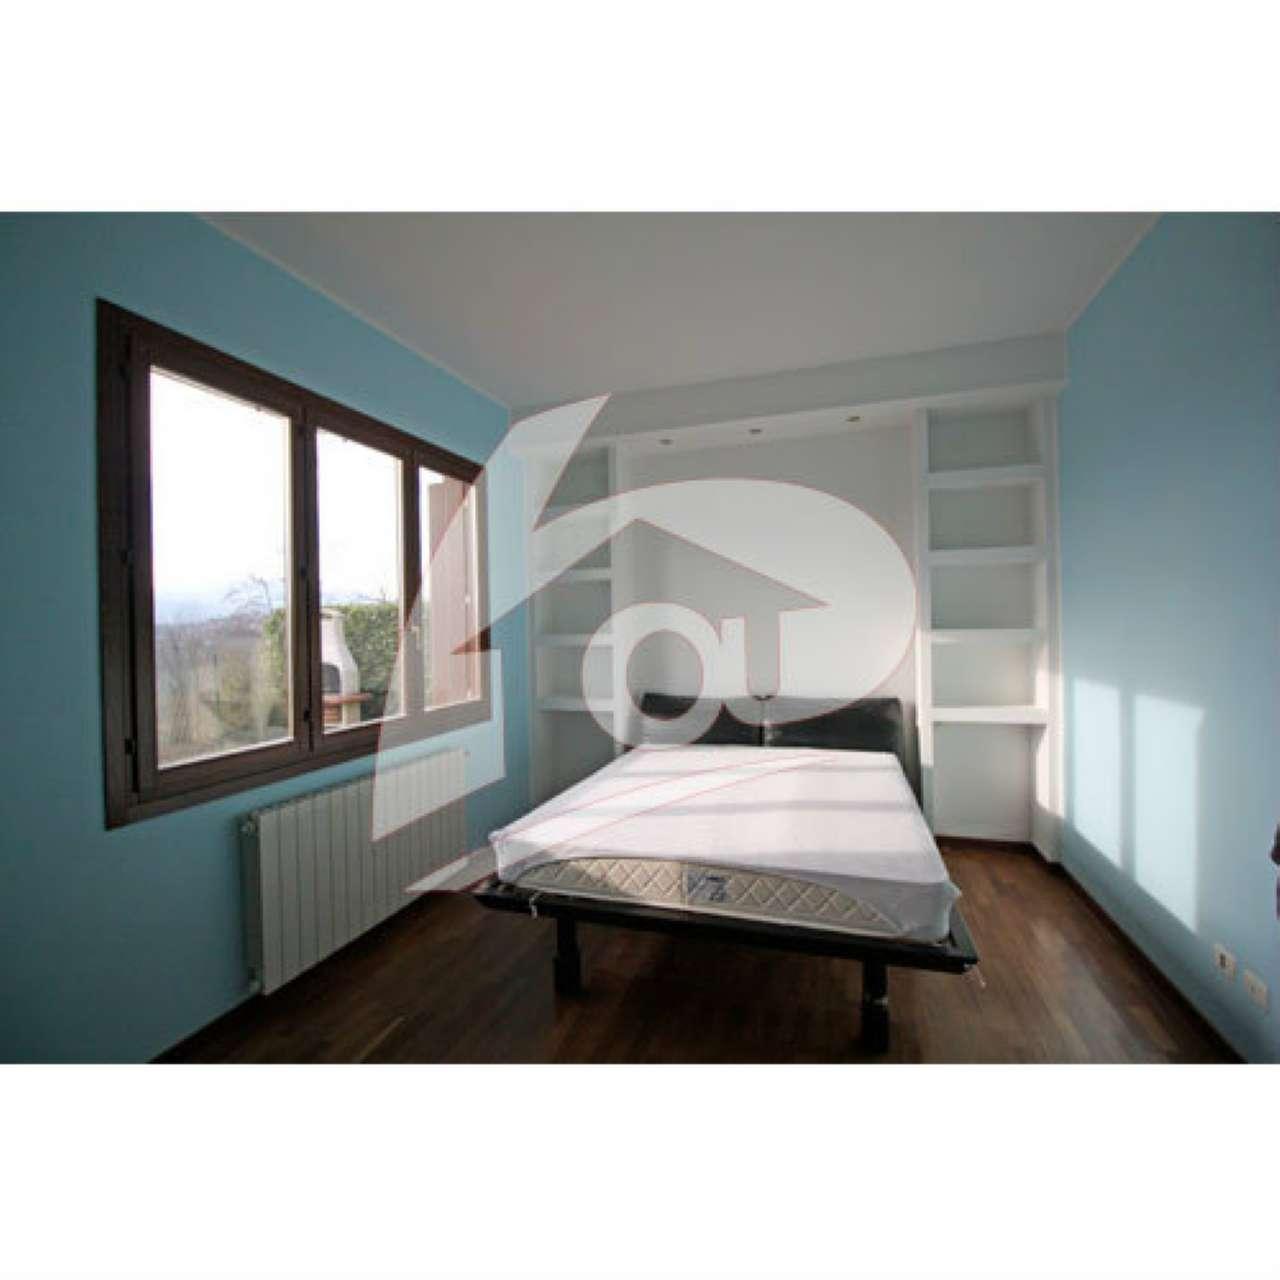 Appartamento in vendita a Besozzo, 2 locali, prezzo € 100.000 | Cambio Casa.it